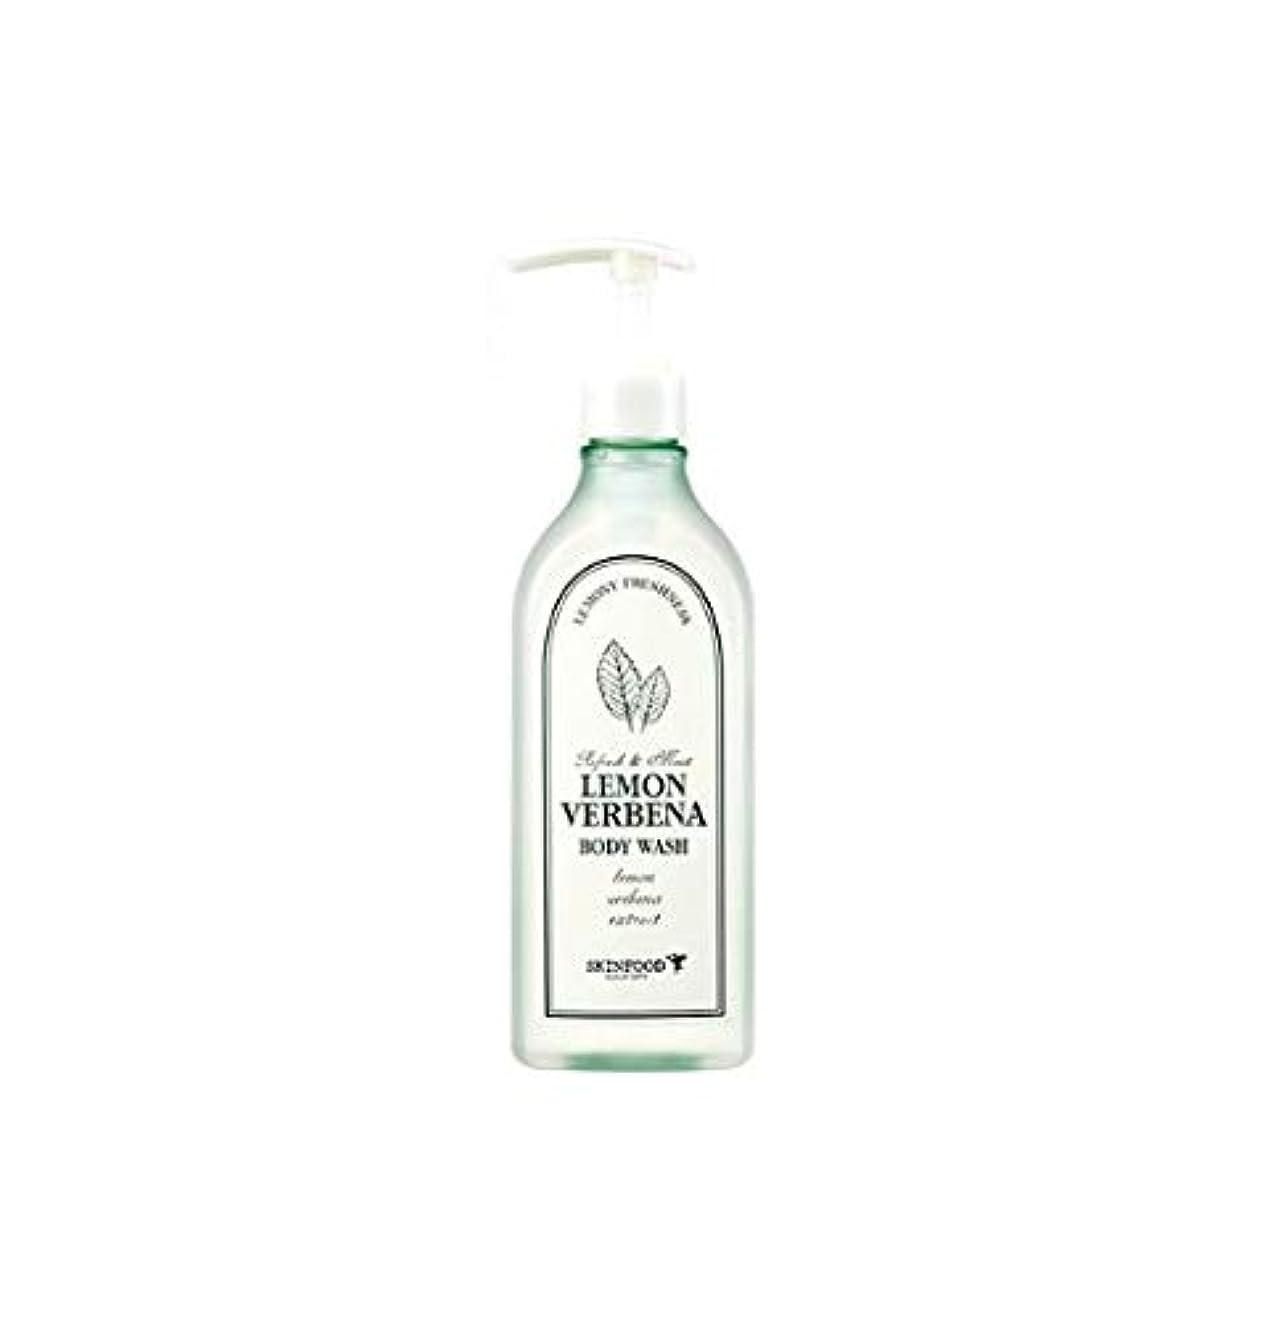 読書ゼリー目指すSkinfood レモンバーベナボディウォッシュ/Lemon Verbena Body Wash 335ml [並行輸入品]